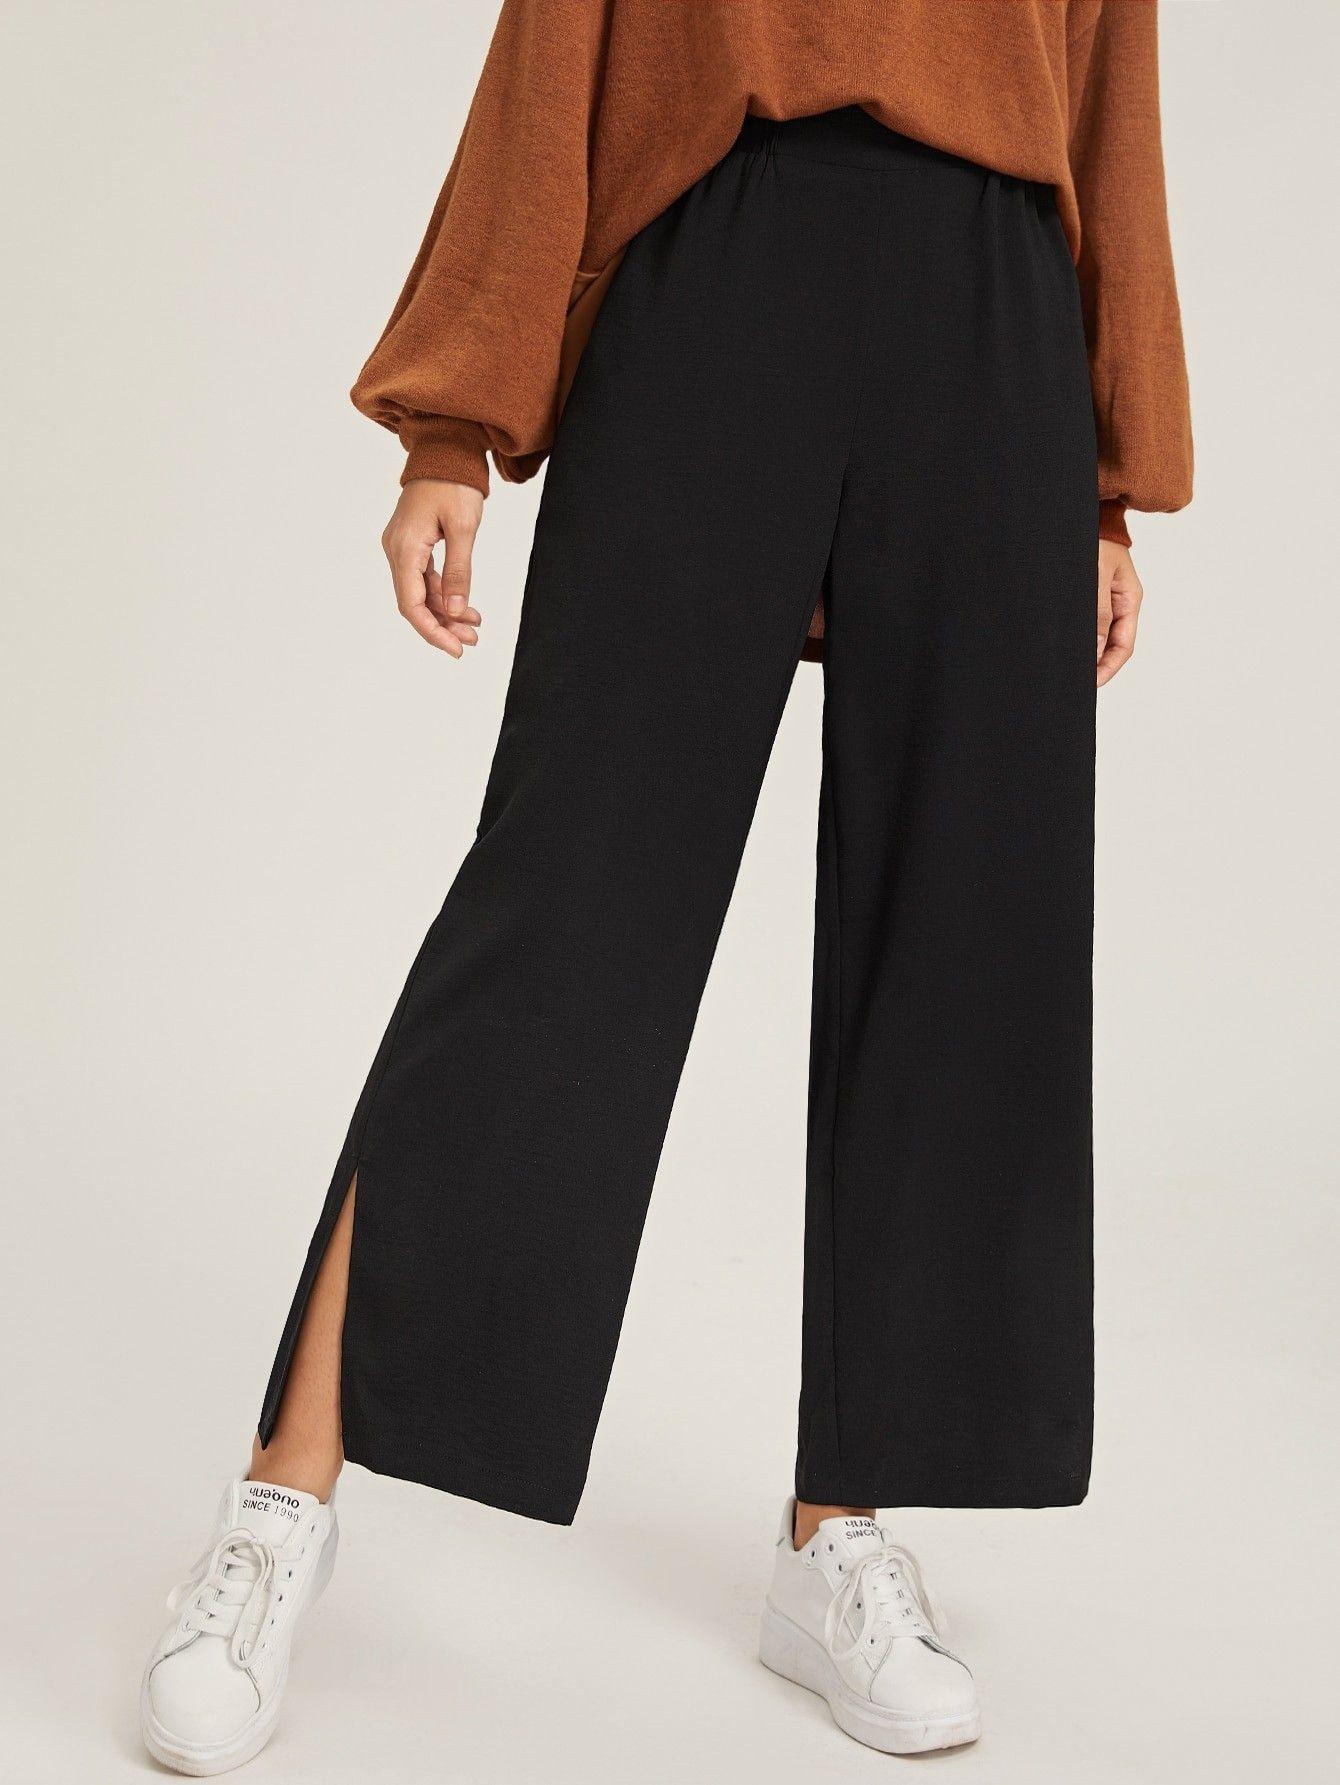 Pantalones Anchos Bajo Con Abertura Pantalones De Moda Mujer Pantalones De Moda Moda De Ropa